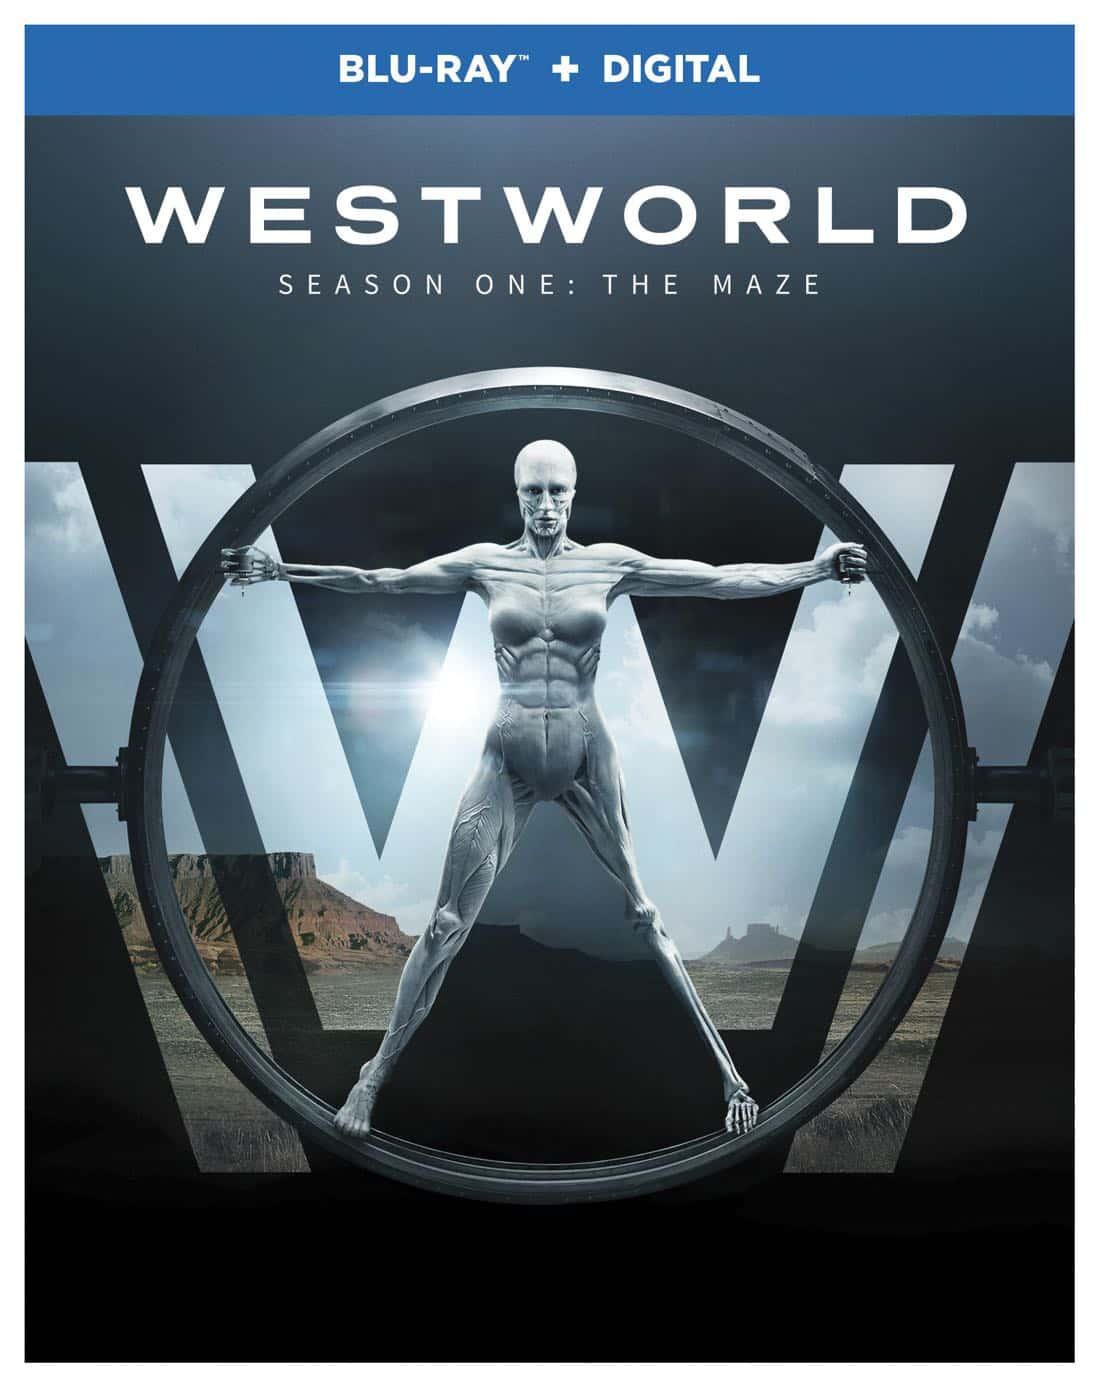 Westworld Season 1 Blu-ray + Digital Cover